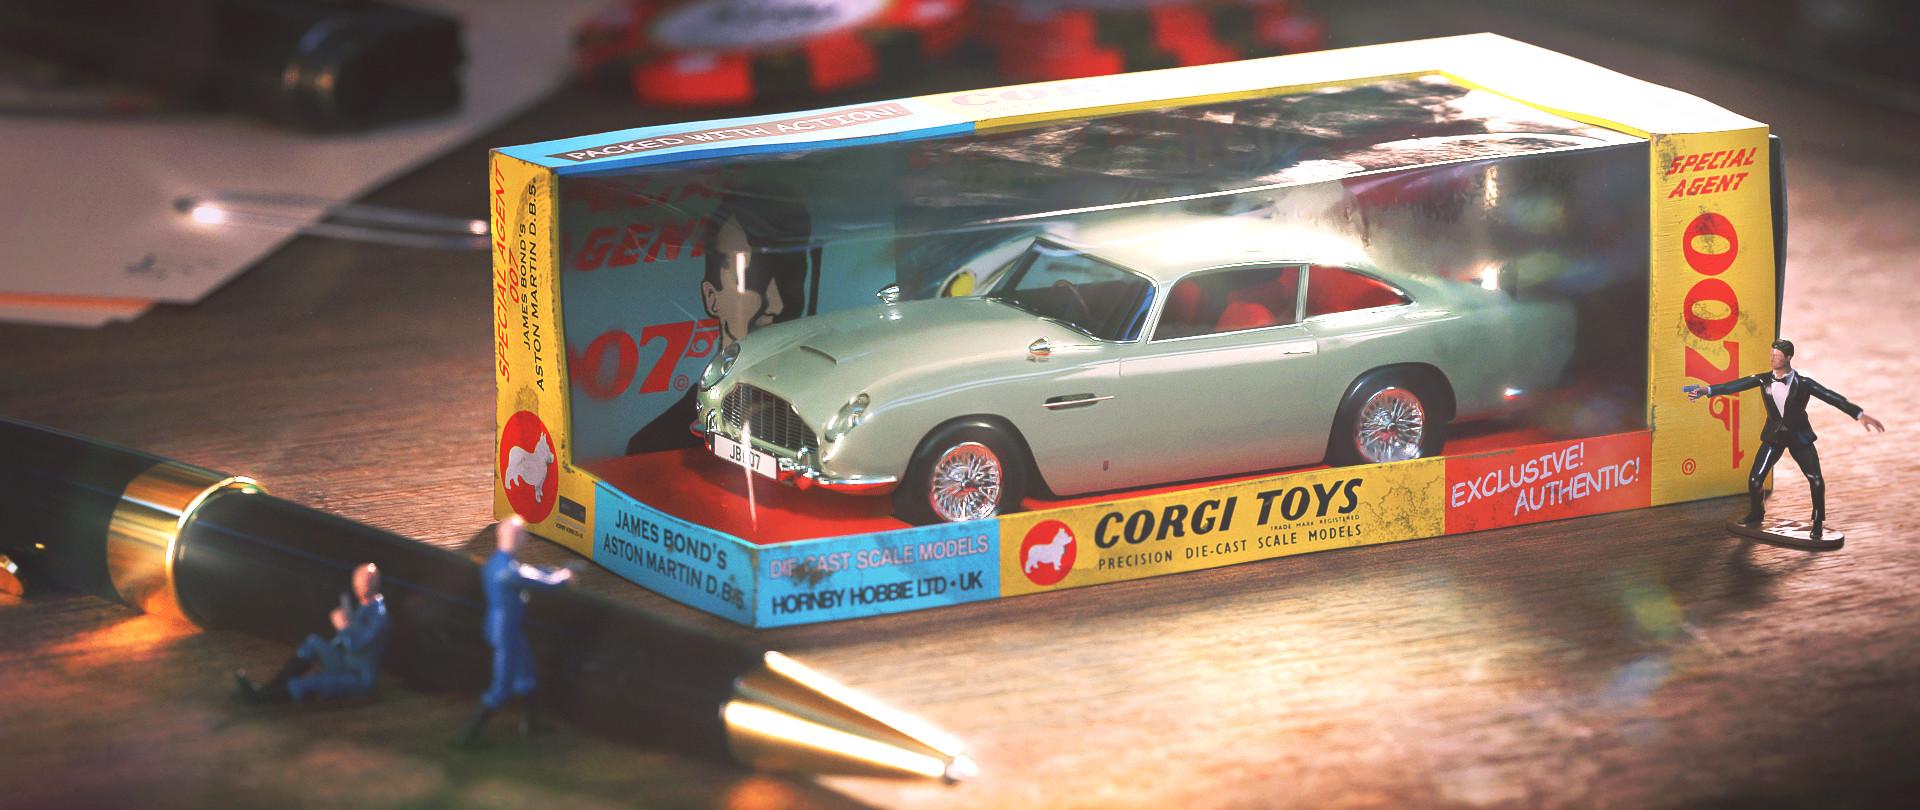 Taylor Cooper James Bond S Aston Martin Db5 Miniature Corgi Toys